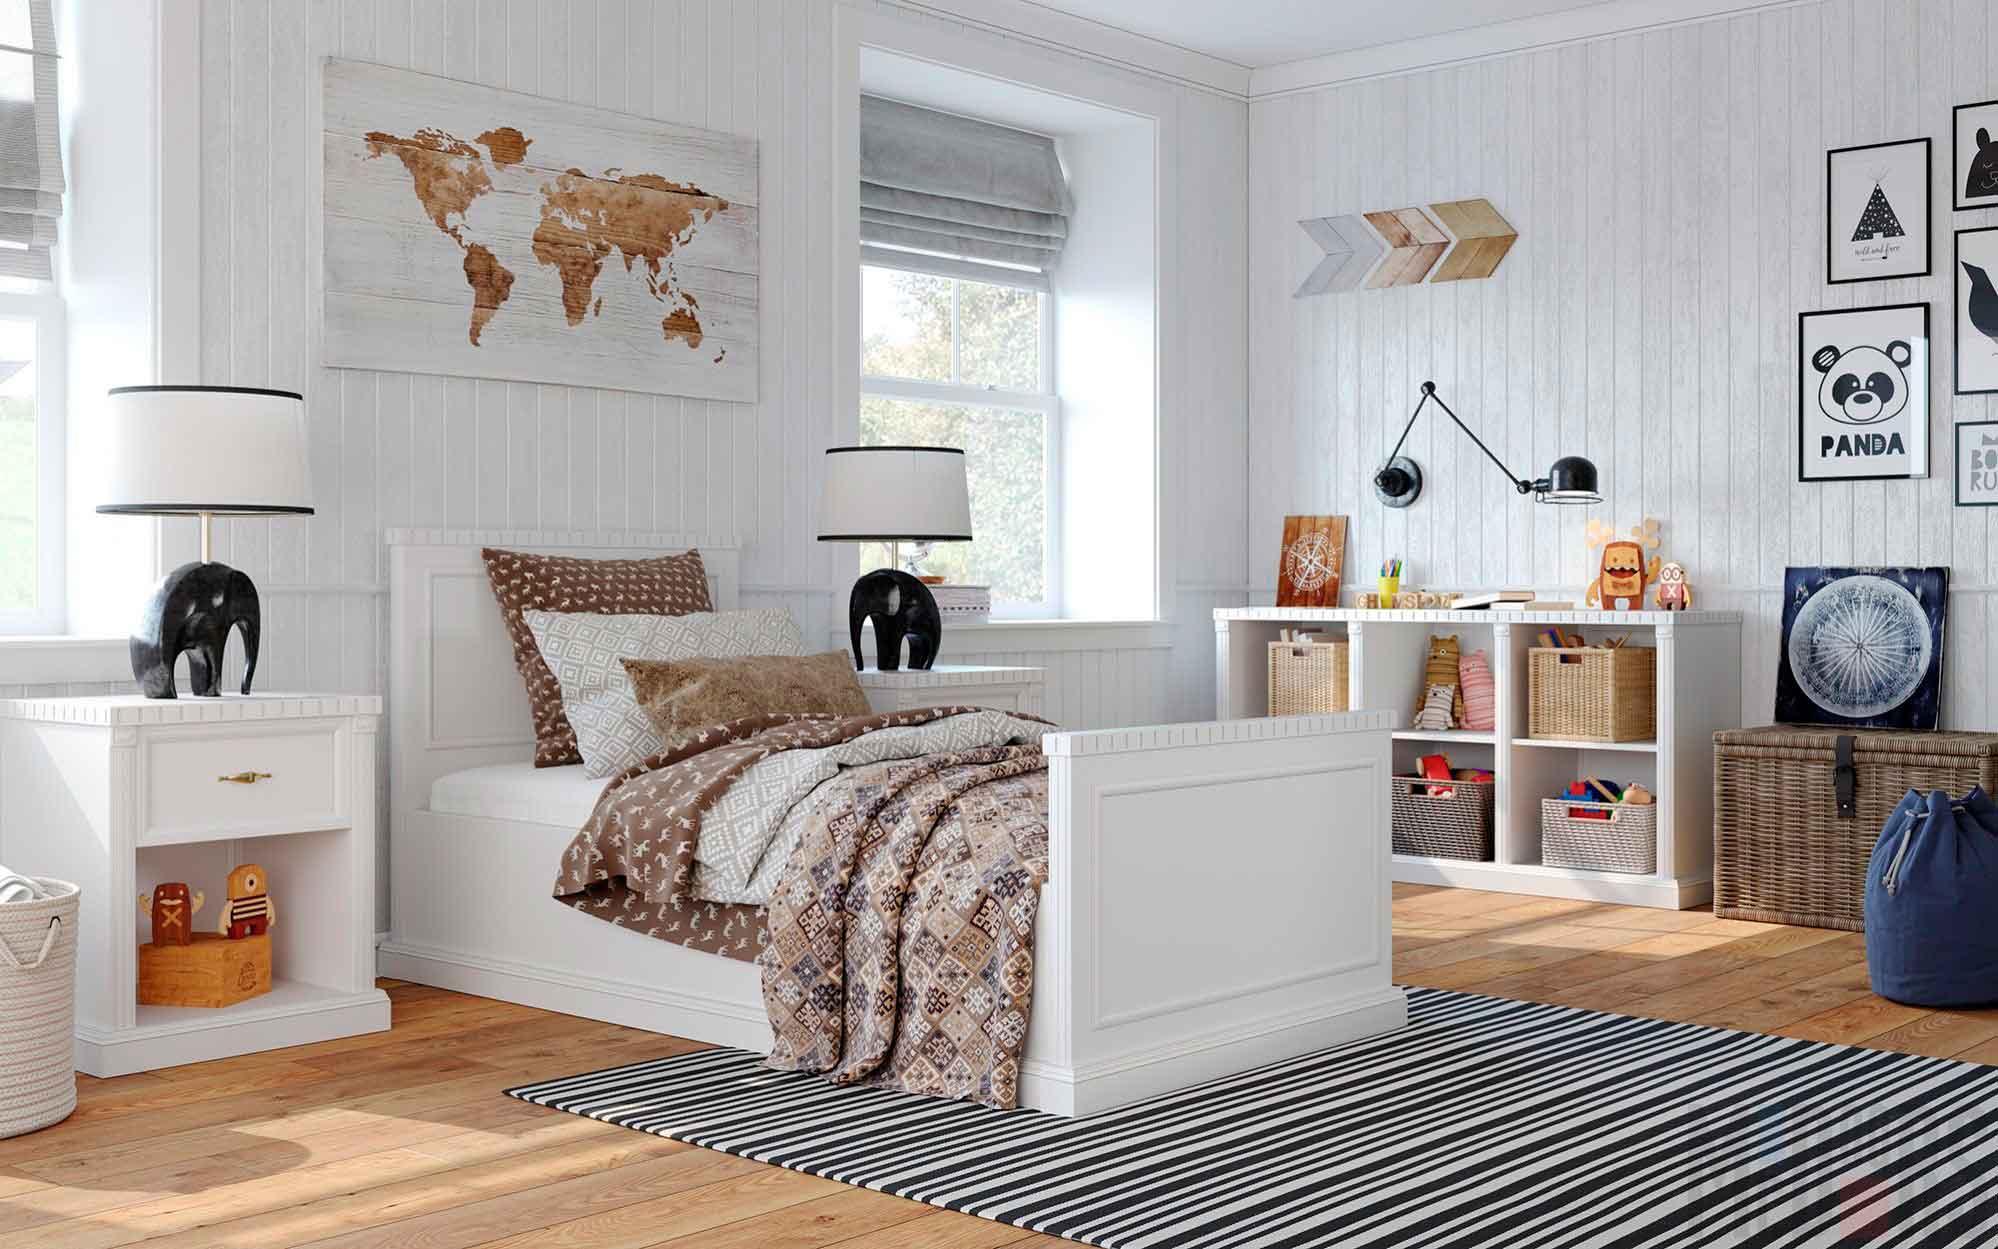 Как выбрать  двуспальную кровать правильно: размеры, материалы, механизмы